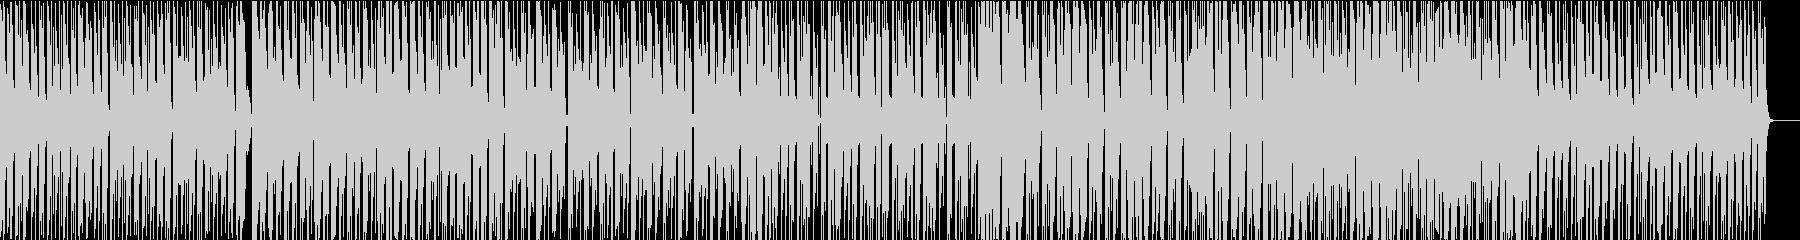 シンプルな構成の4つ打ちの未再生の波形